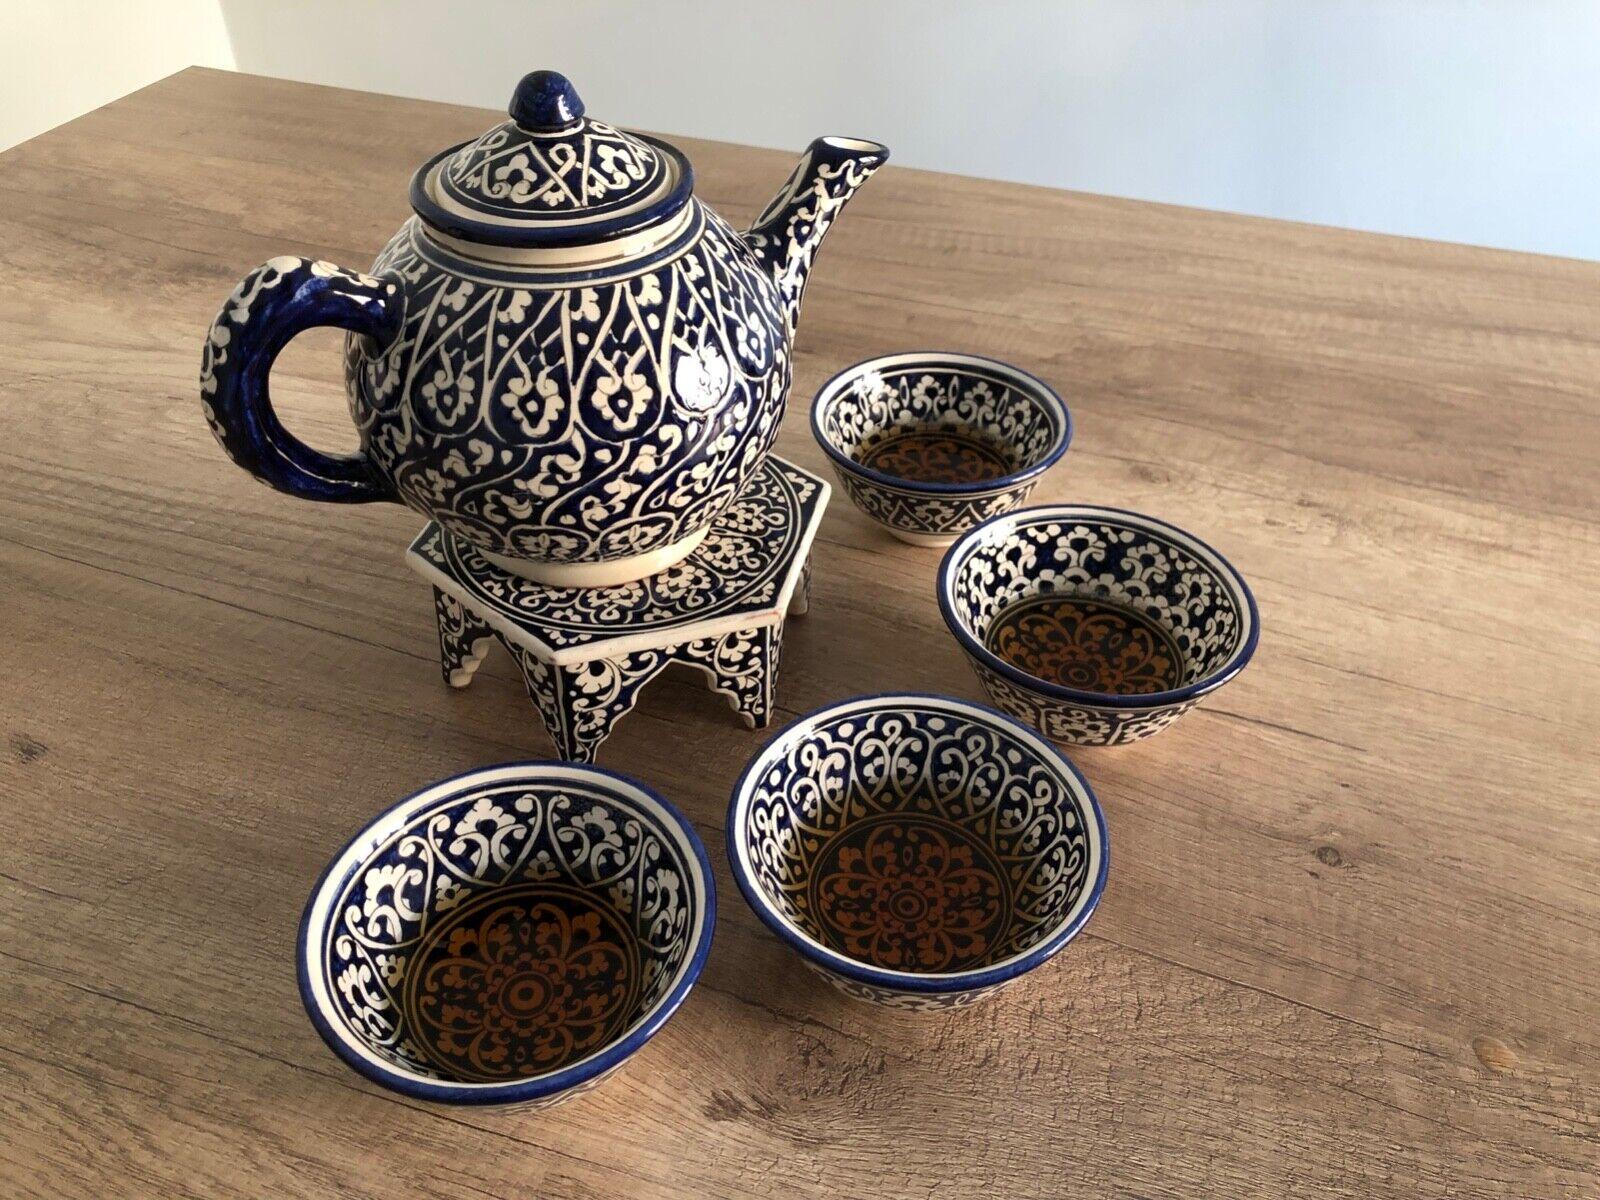 bleu Ceramic Tea Set pour 4 personnes, cadeau pour crémaillère